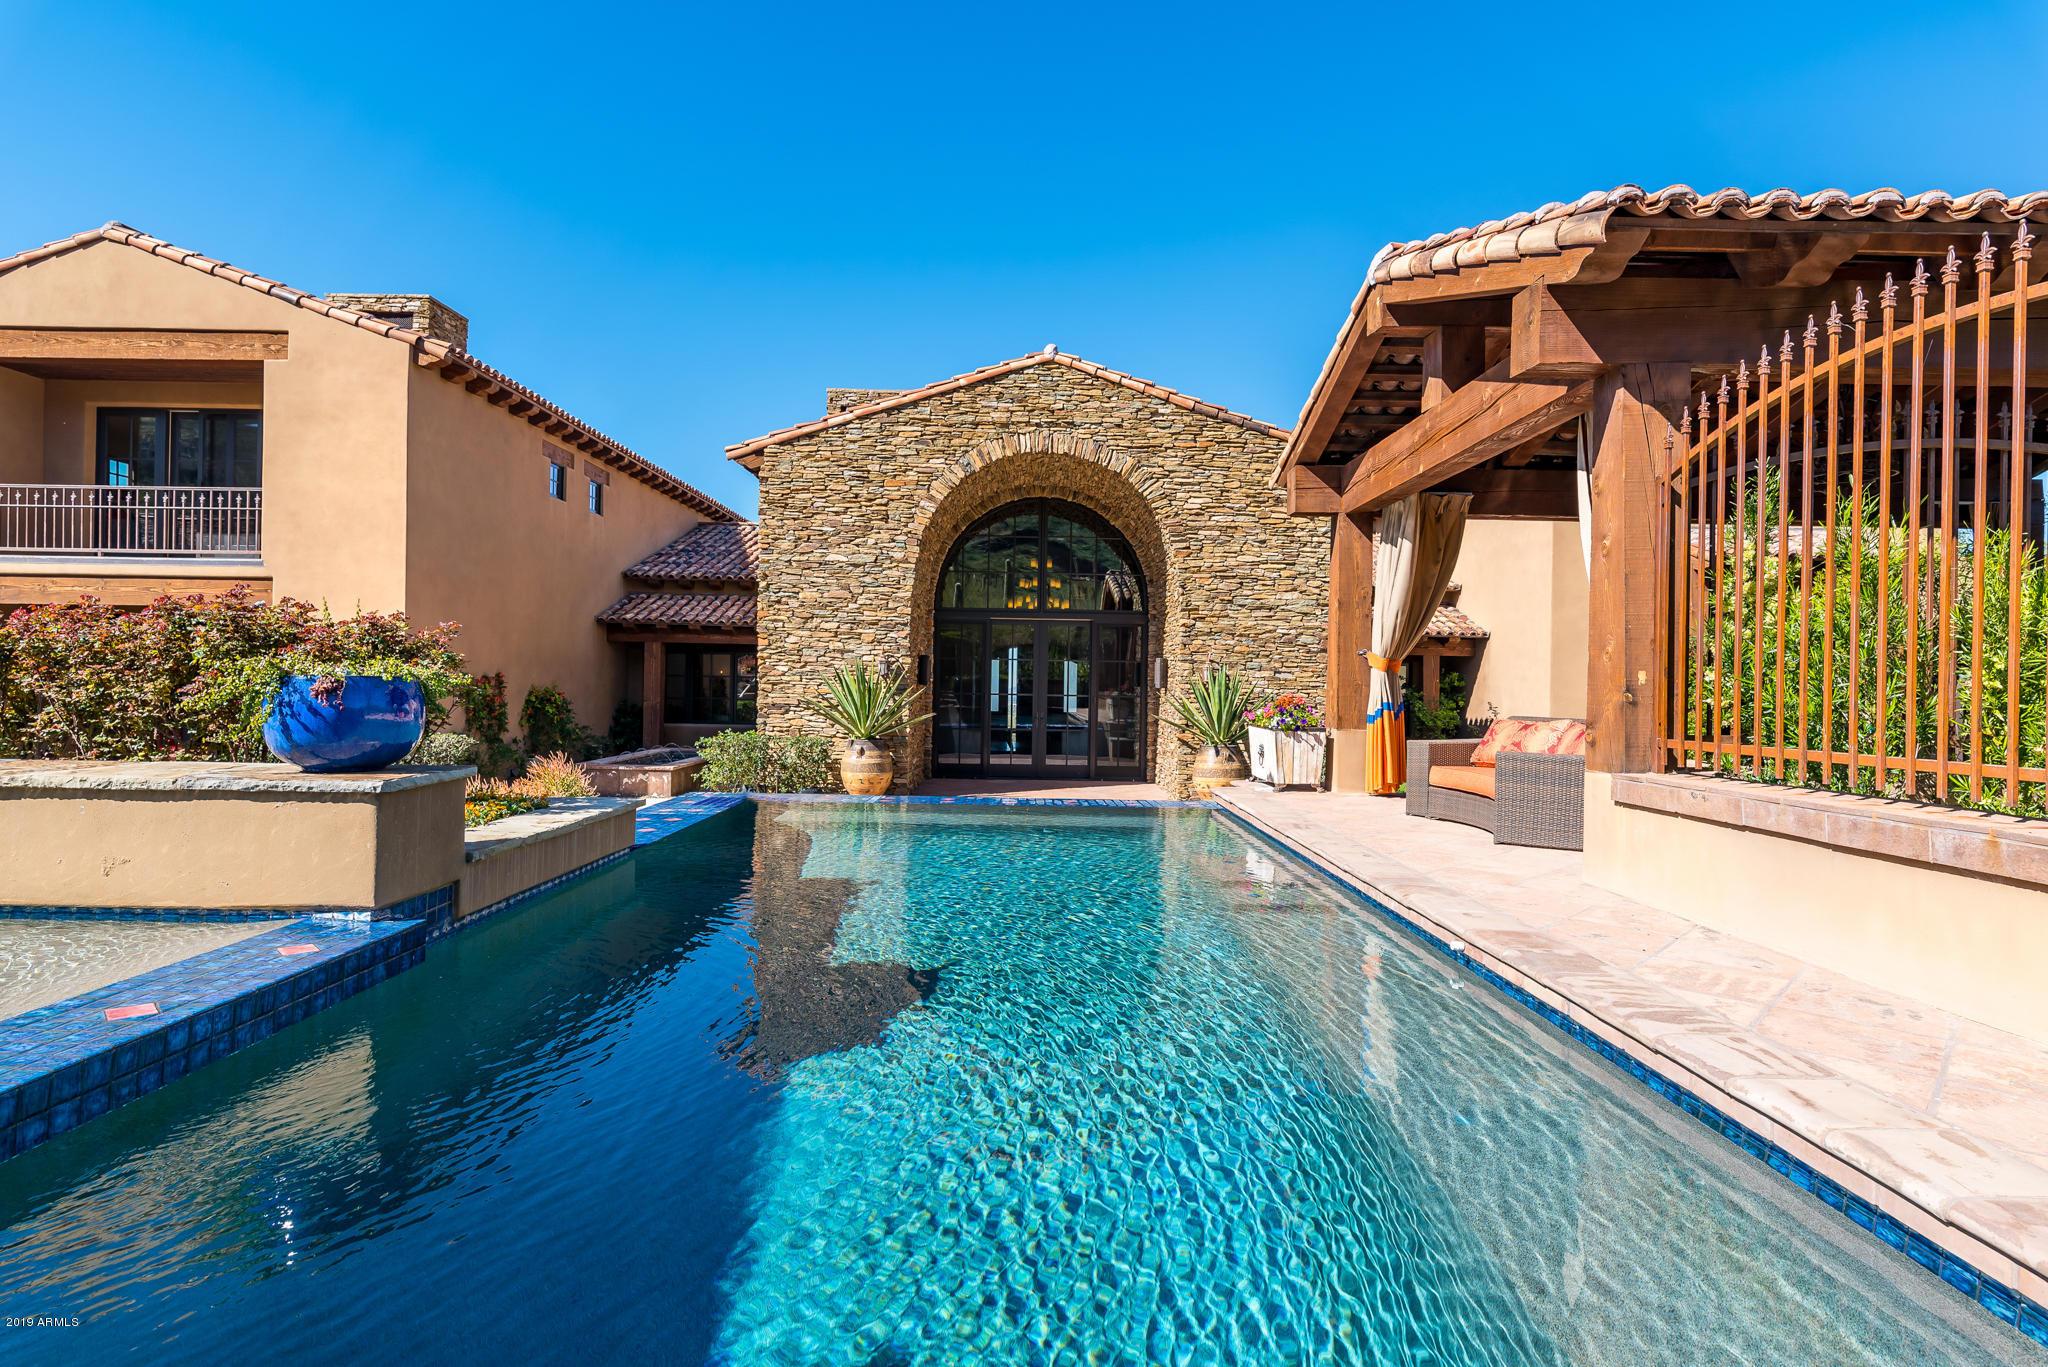 MLS 5980155 21413 N 110TH Place, Scottsdale, AZ 85255 Scottsdale AZ Mountain View